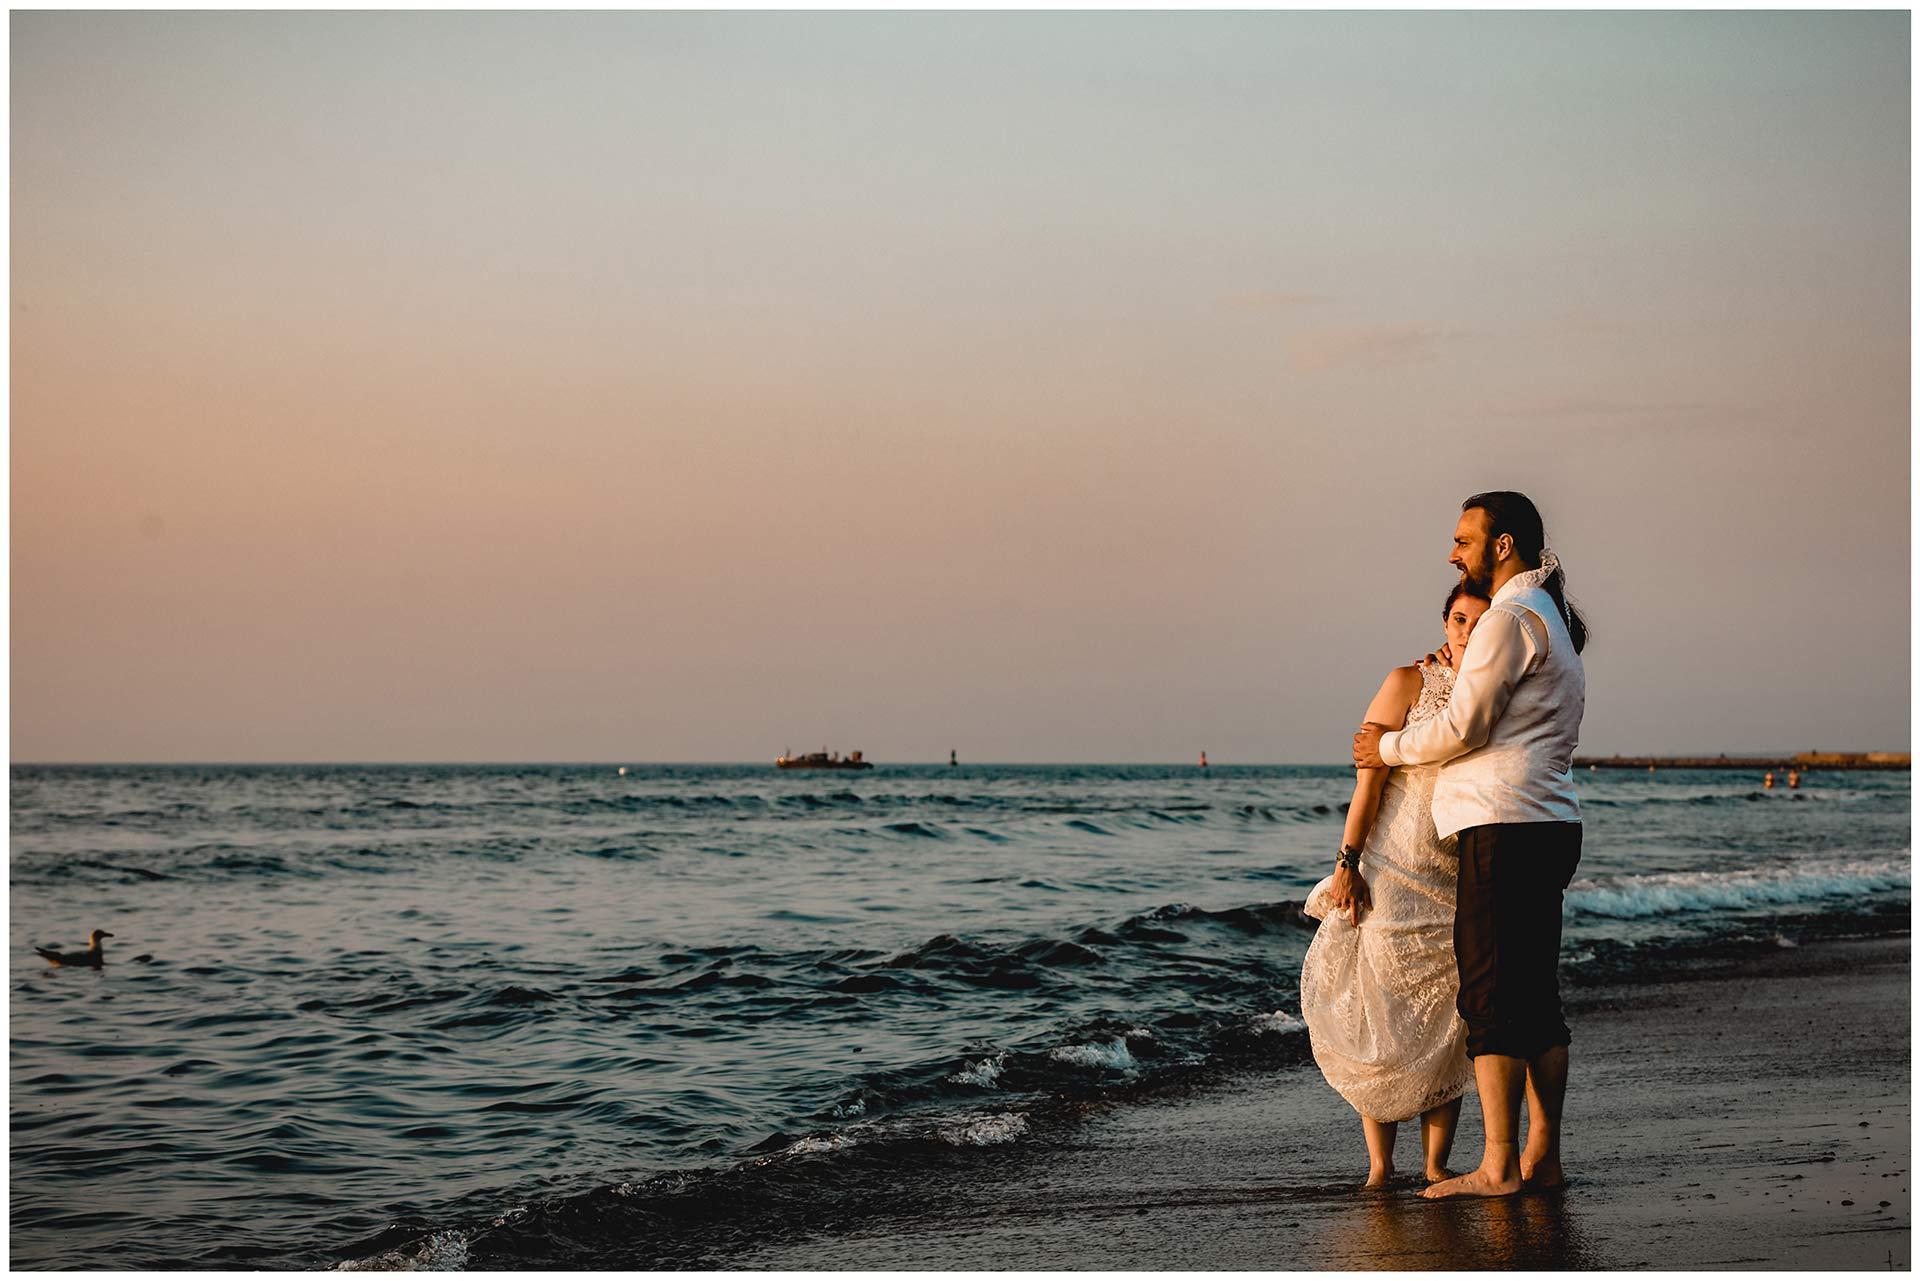 Brautpaar-steht-barfuss-und-arm-in-arm-direkt-an-der-Ostsee-Hochzeitsfotografie-Hochzeitsfotograf-Warnemuende-Hochzeitsfotograf-Rostock-Hochzeitsfotograf-Ostseebad-Warnemuende